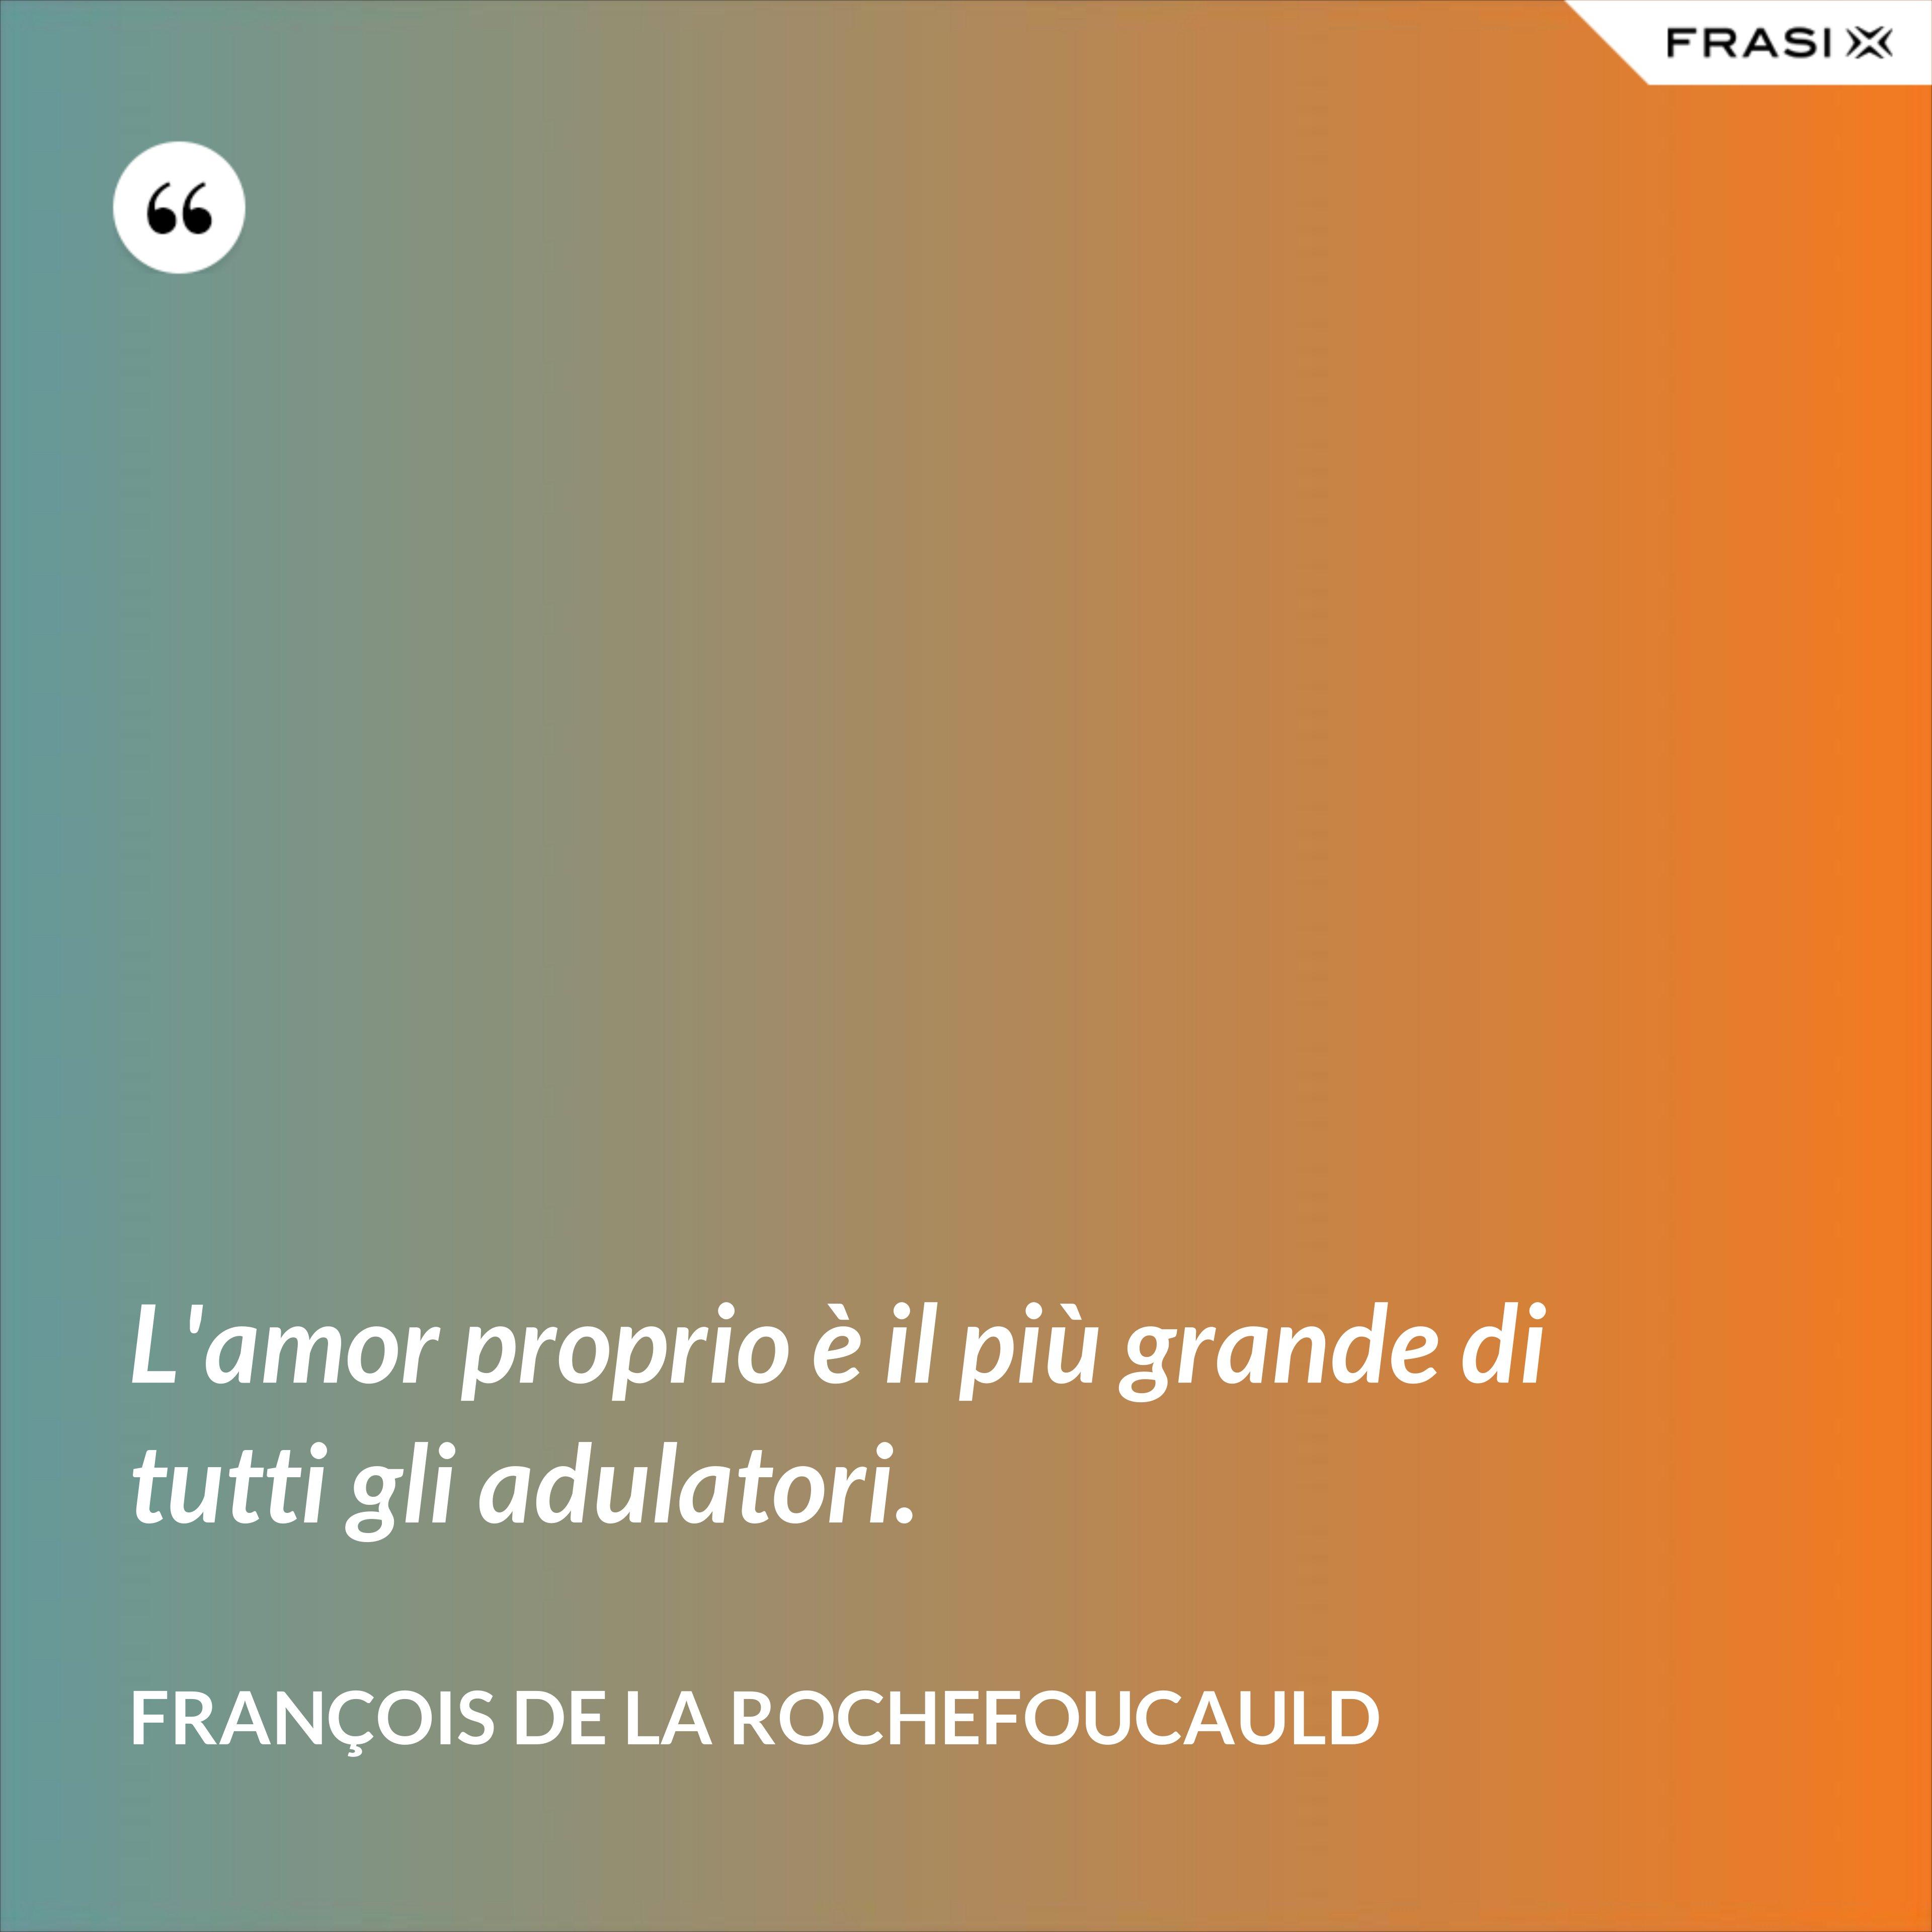 L'amor proprio è il più grande di tutti gli adulatori. - François de La Rochefoucauld